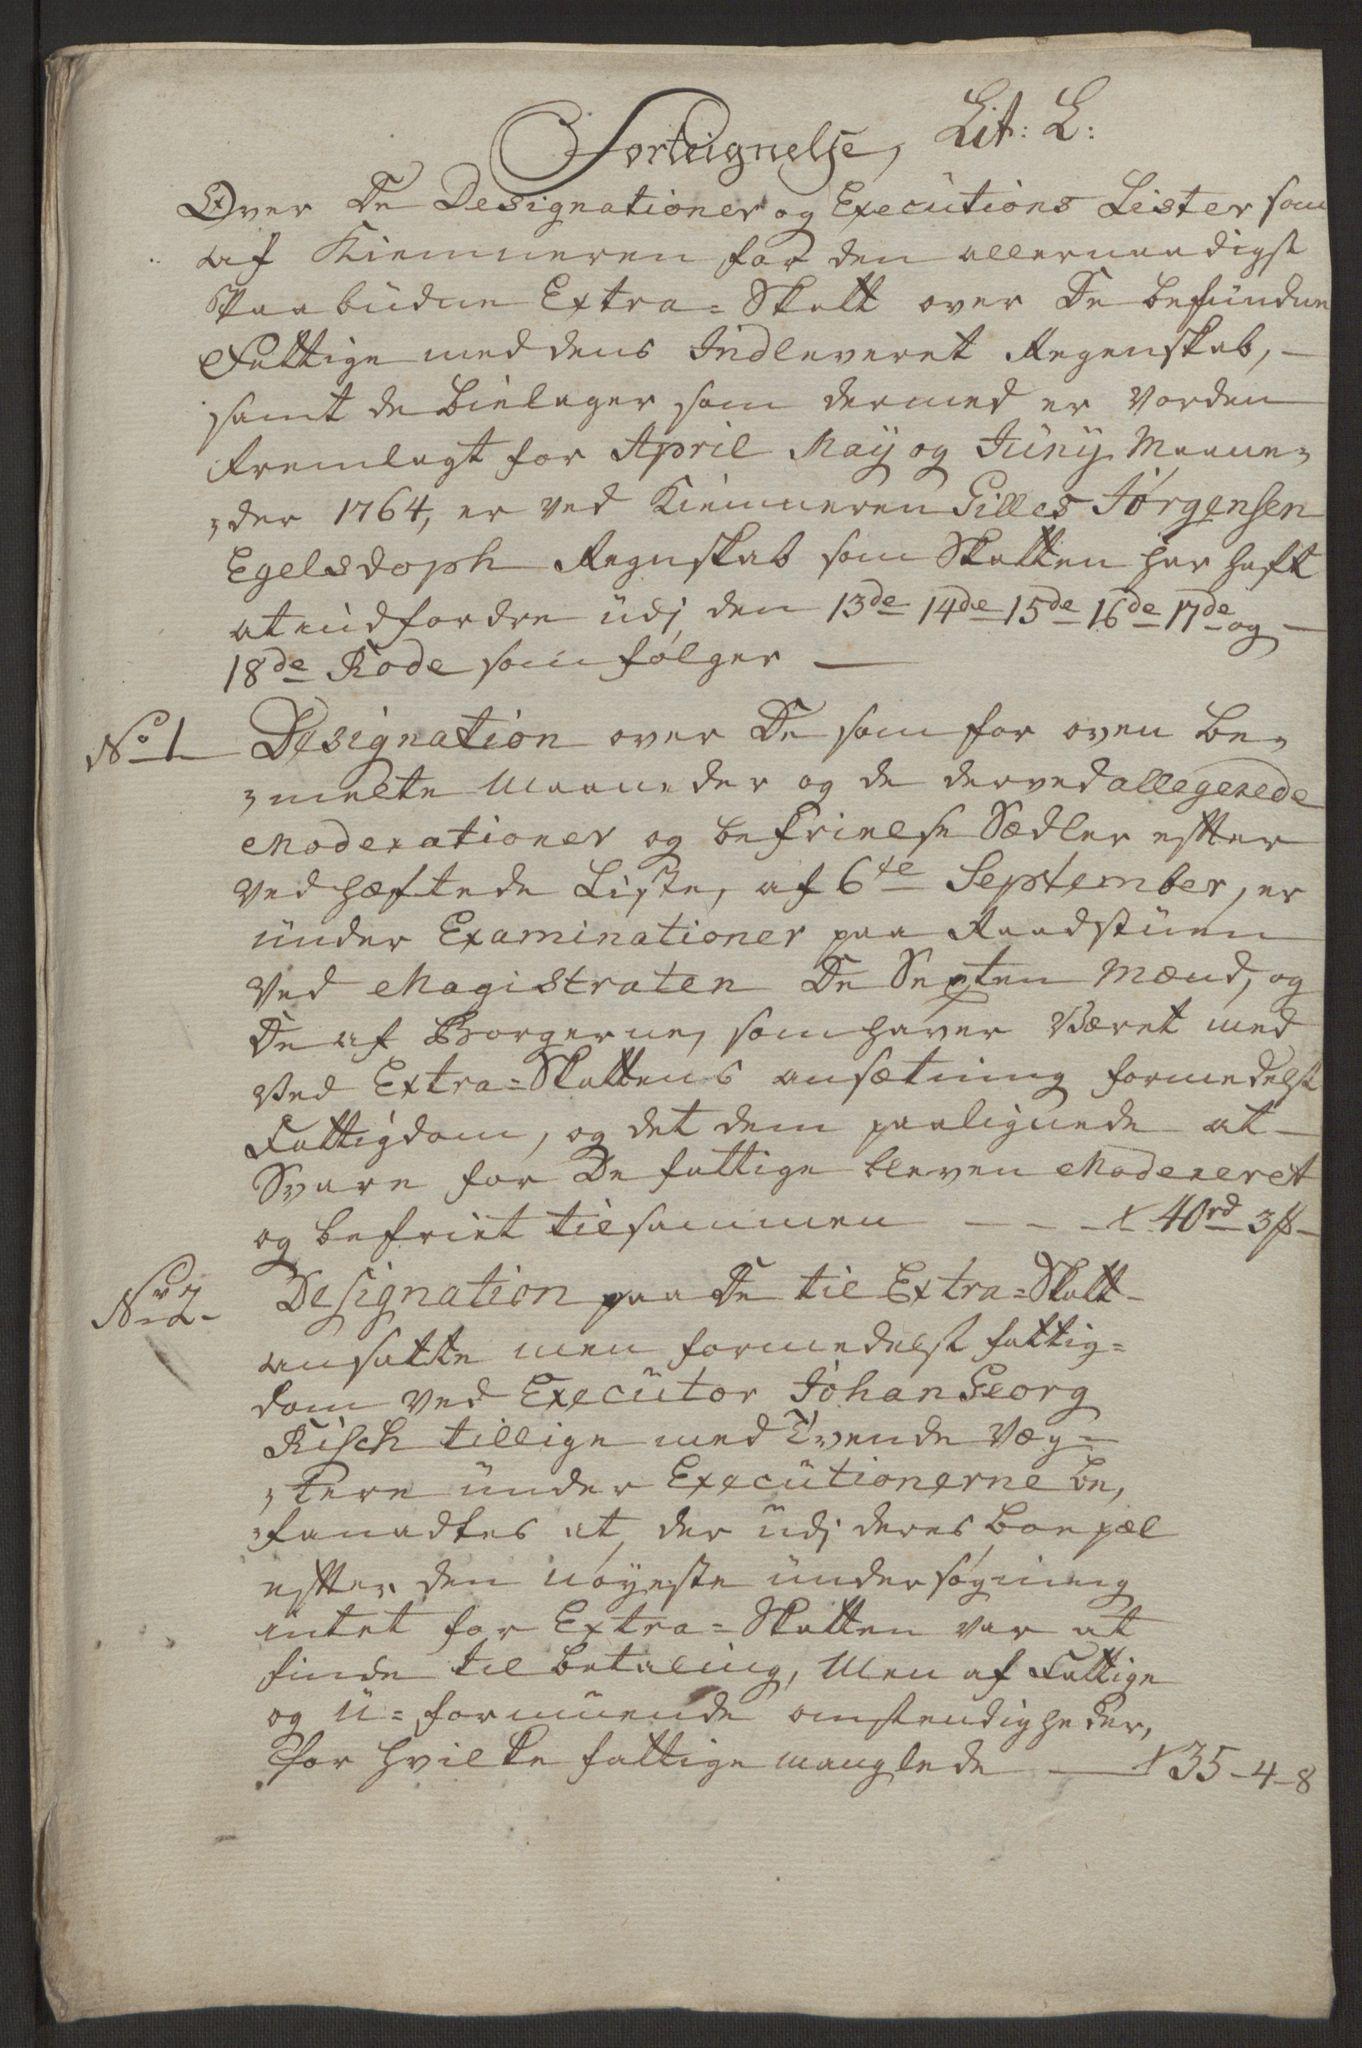 RA, Rentekammeret inntil 1814, Reviderte regnskaper, Byregnskaper, R/Rp/L0368: [P21] Kontribusjonsregnskap, 1764, s. 116